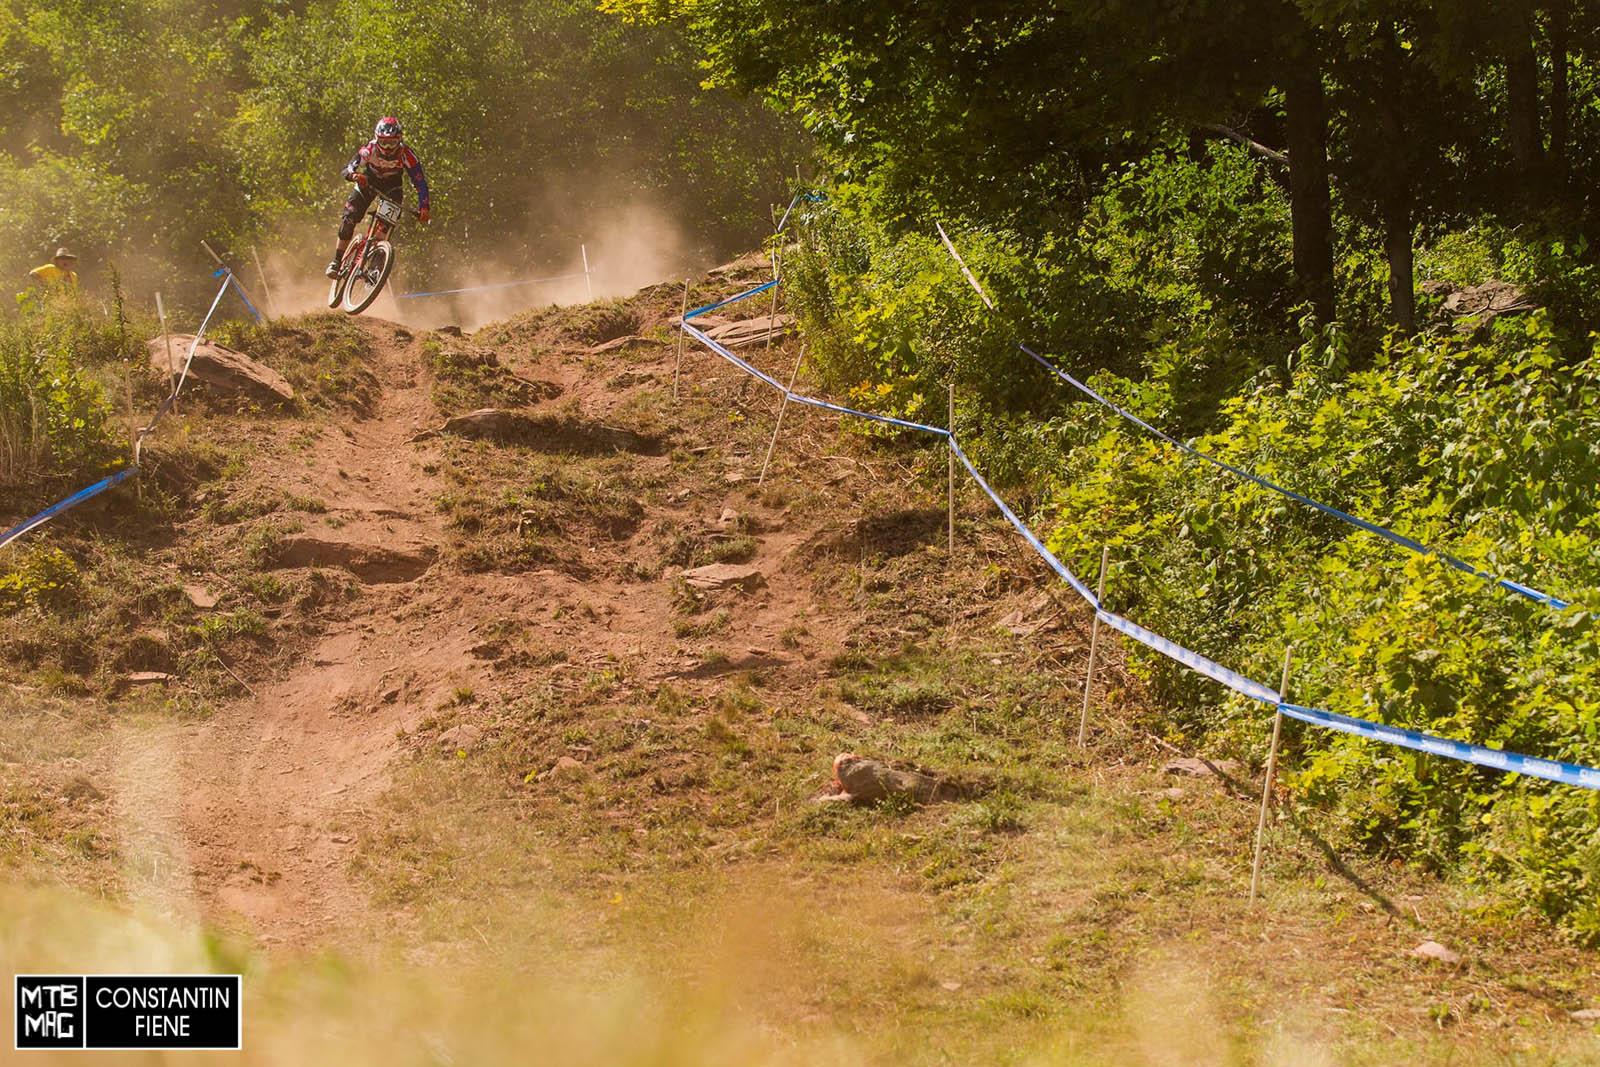 Jack Reading springt in das offene Steilstück hinein.